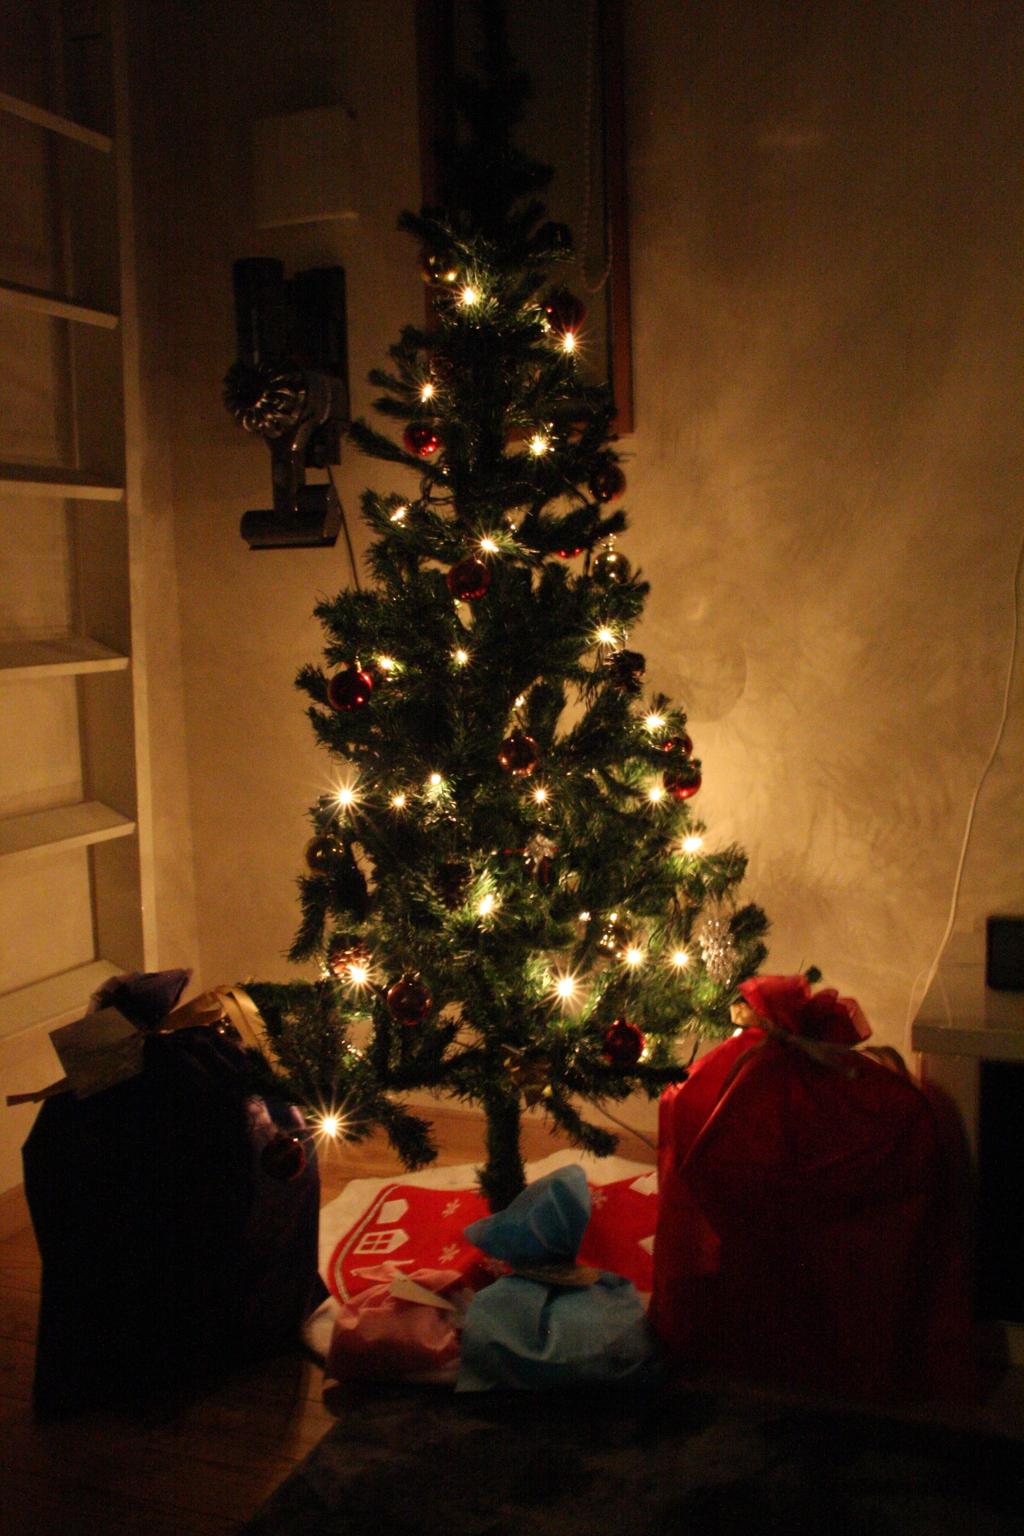 ツリーとプレゼント